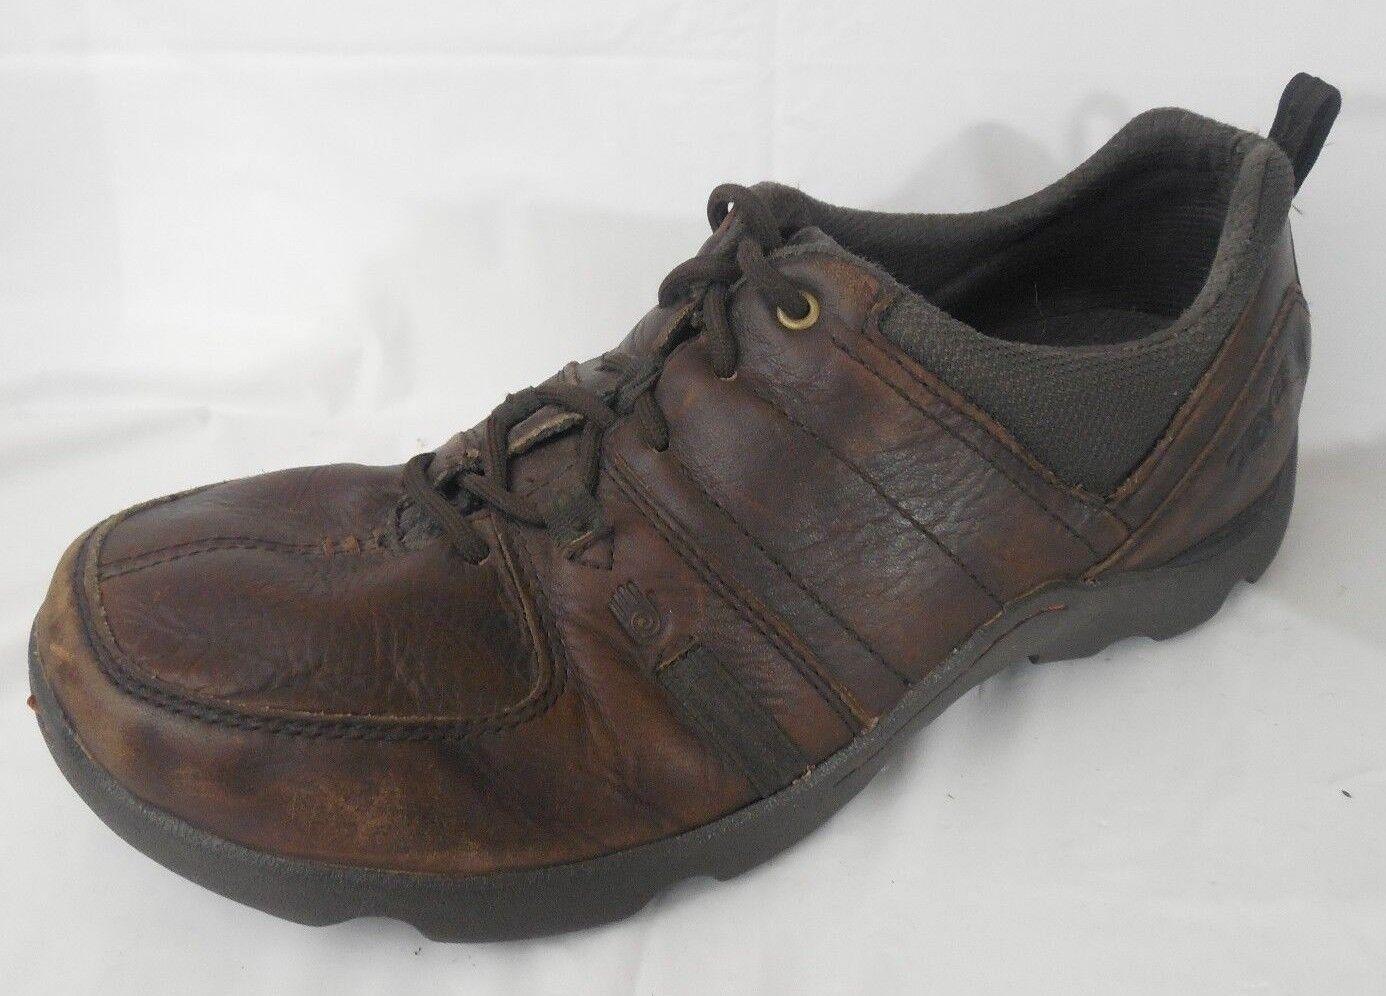 Teva Mens Kassler Waterproof Oxford shoes Hiking Trail 10 M Brown Leather Casual